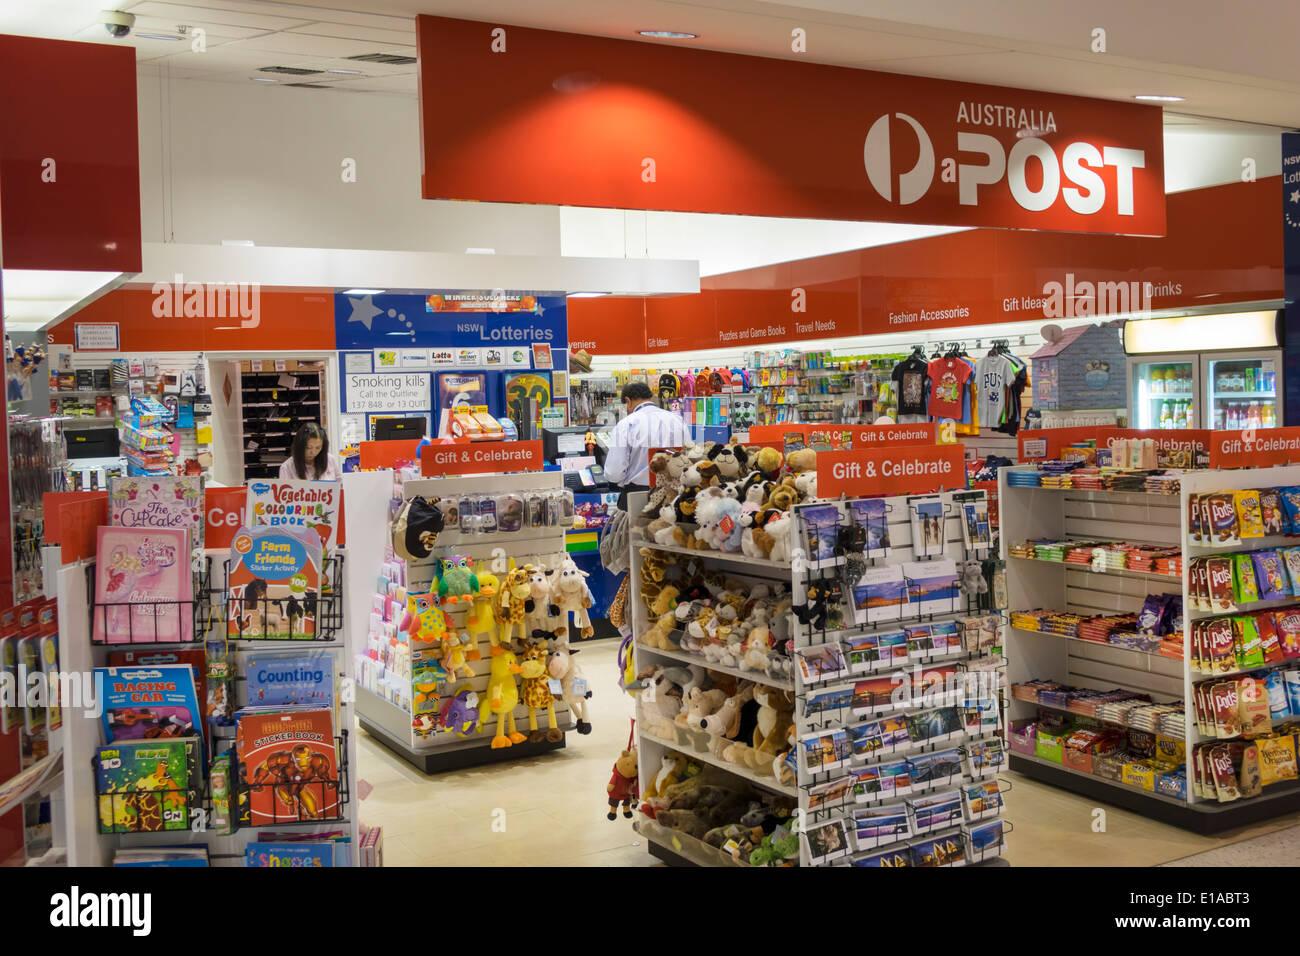 d0fef22ca6947 Australia Sydney NSW Nueva Gales del Sur Aeropuerto Kingsford-Smith SYD  terminal comercial concourse Australia